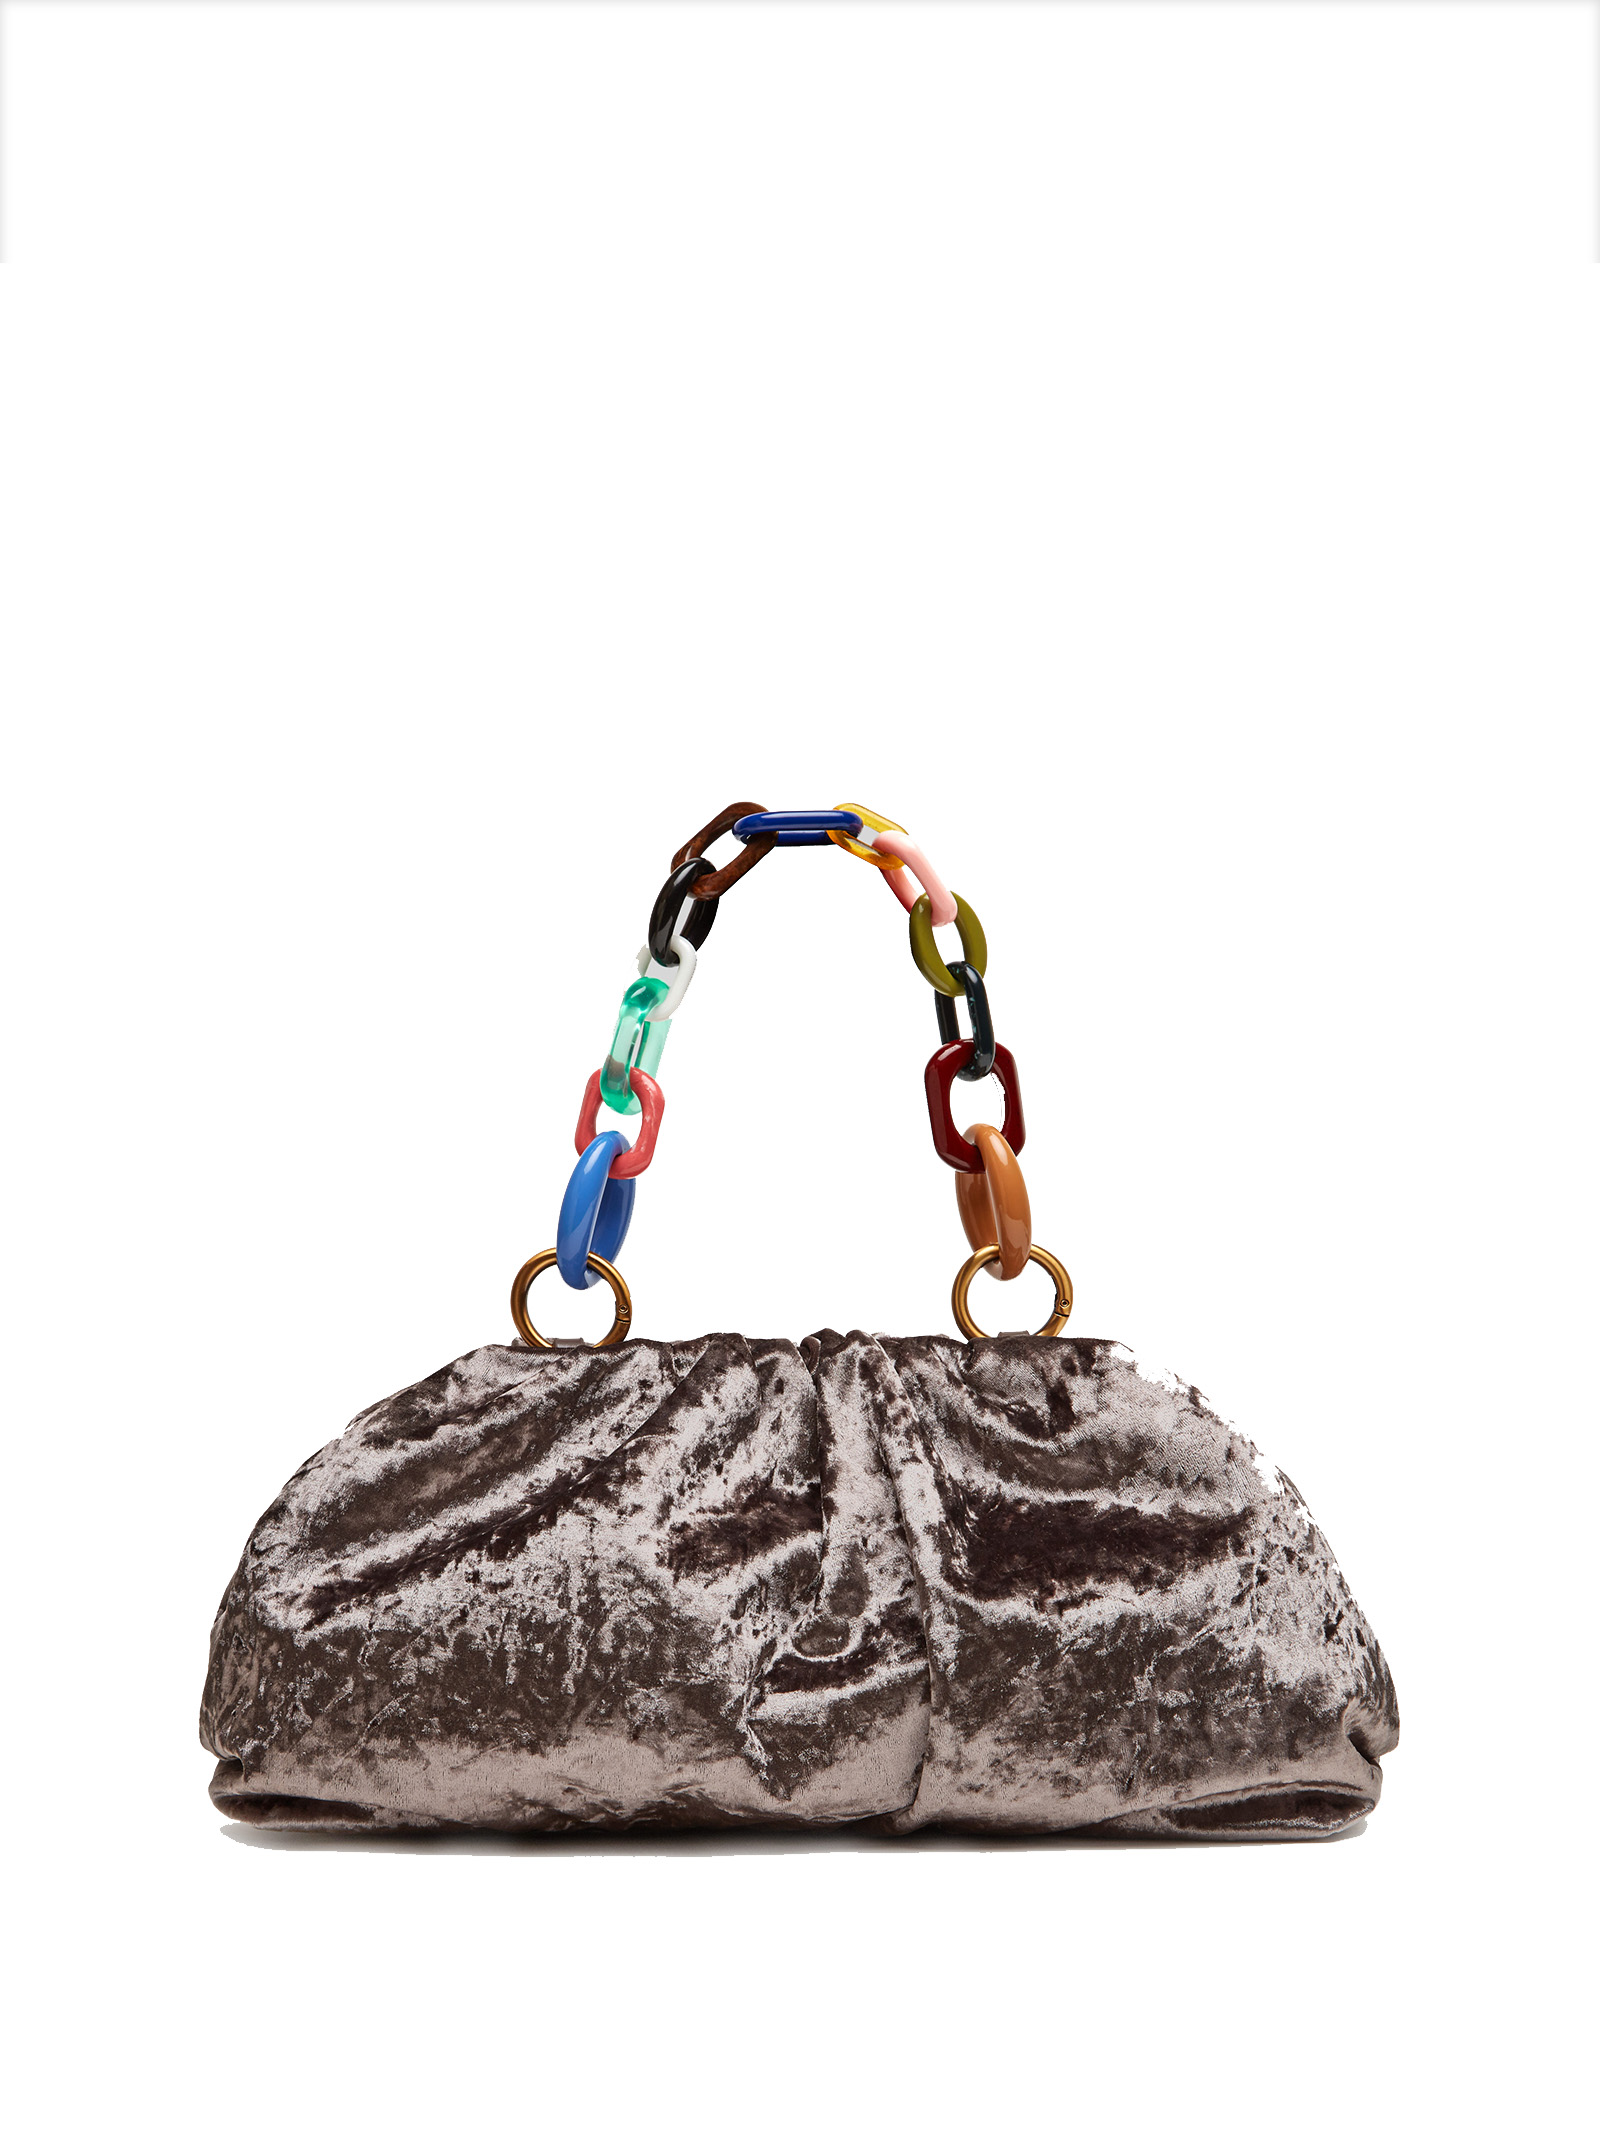 Women's Clutch Bag Velvet Grunge in Grey Velvet Moiré with Multicoloured Chain Handle  Maliparmi | Bags and backpacks | BM01606103021020